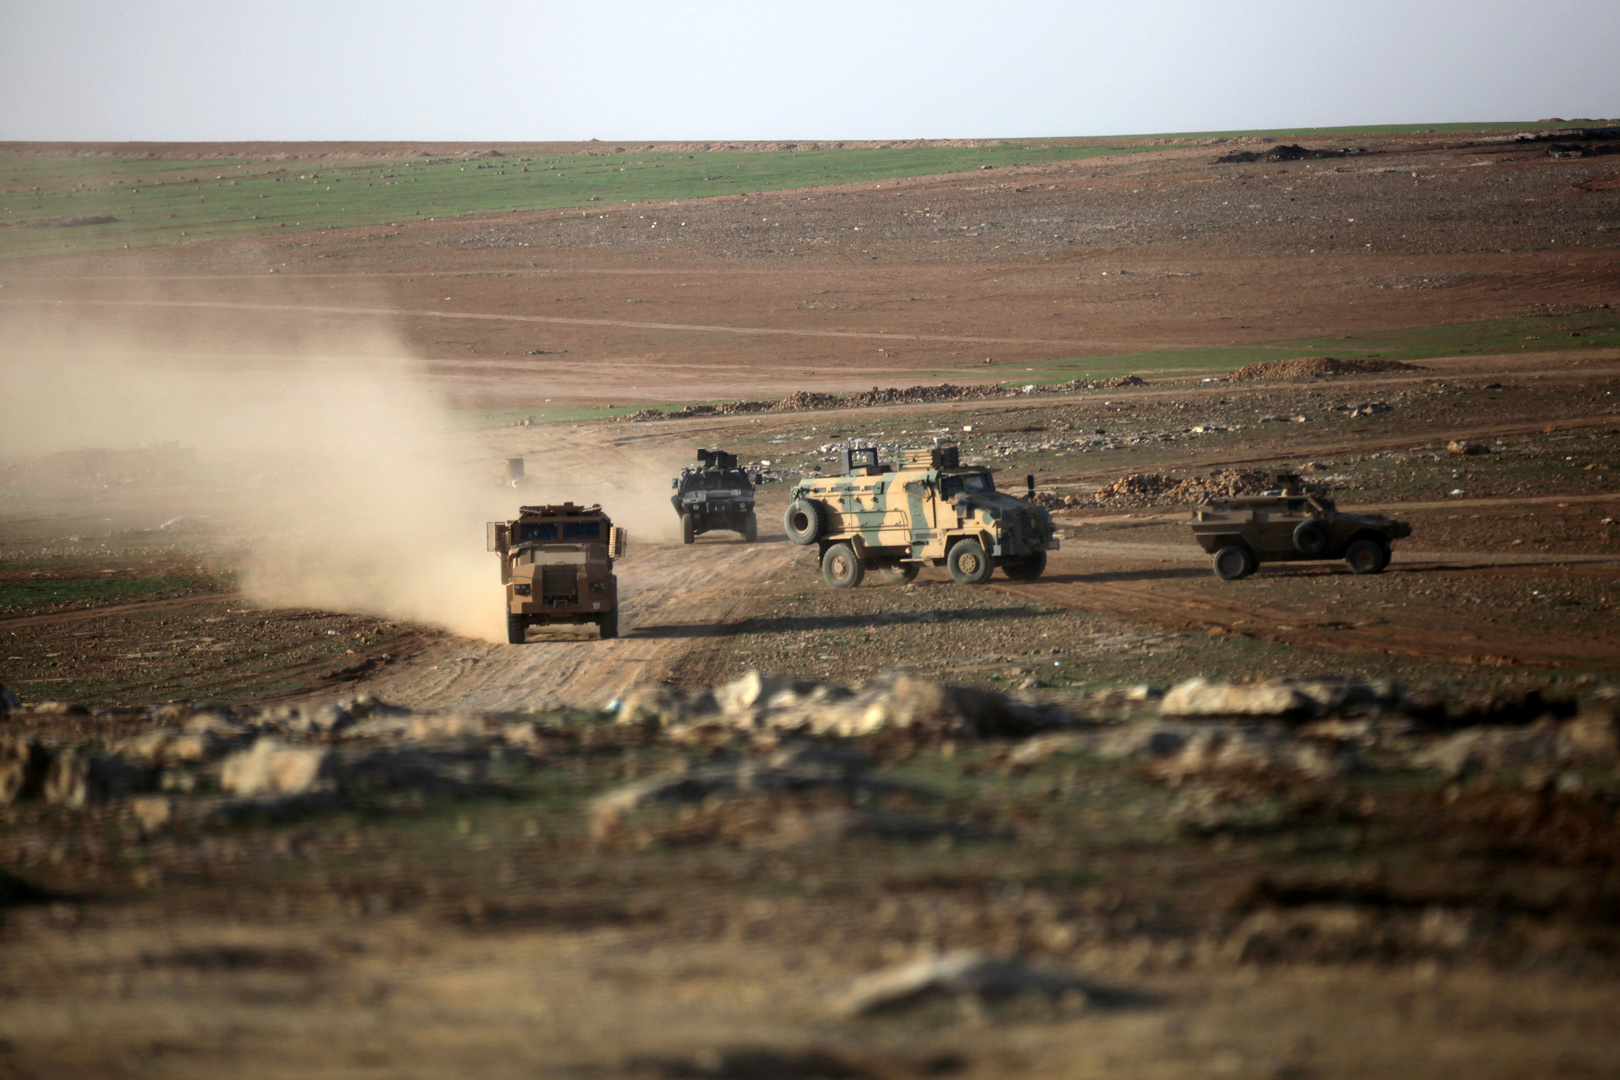 عربات عسكرية تركية شمال سوريا (أرشيف)